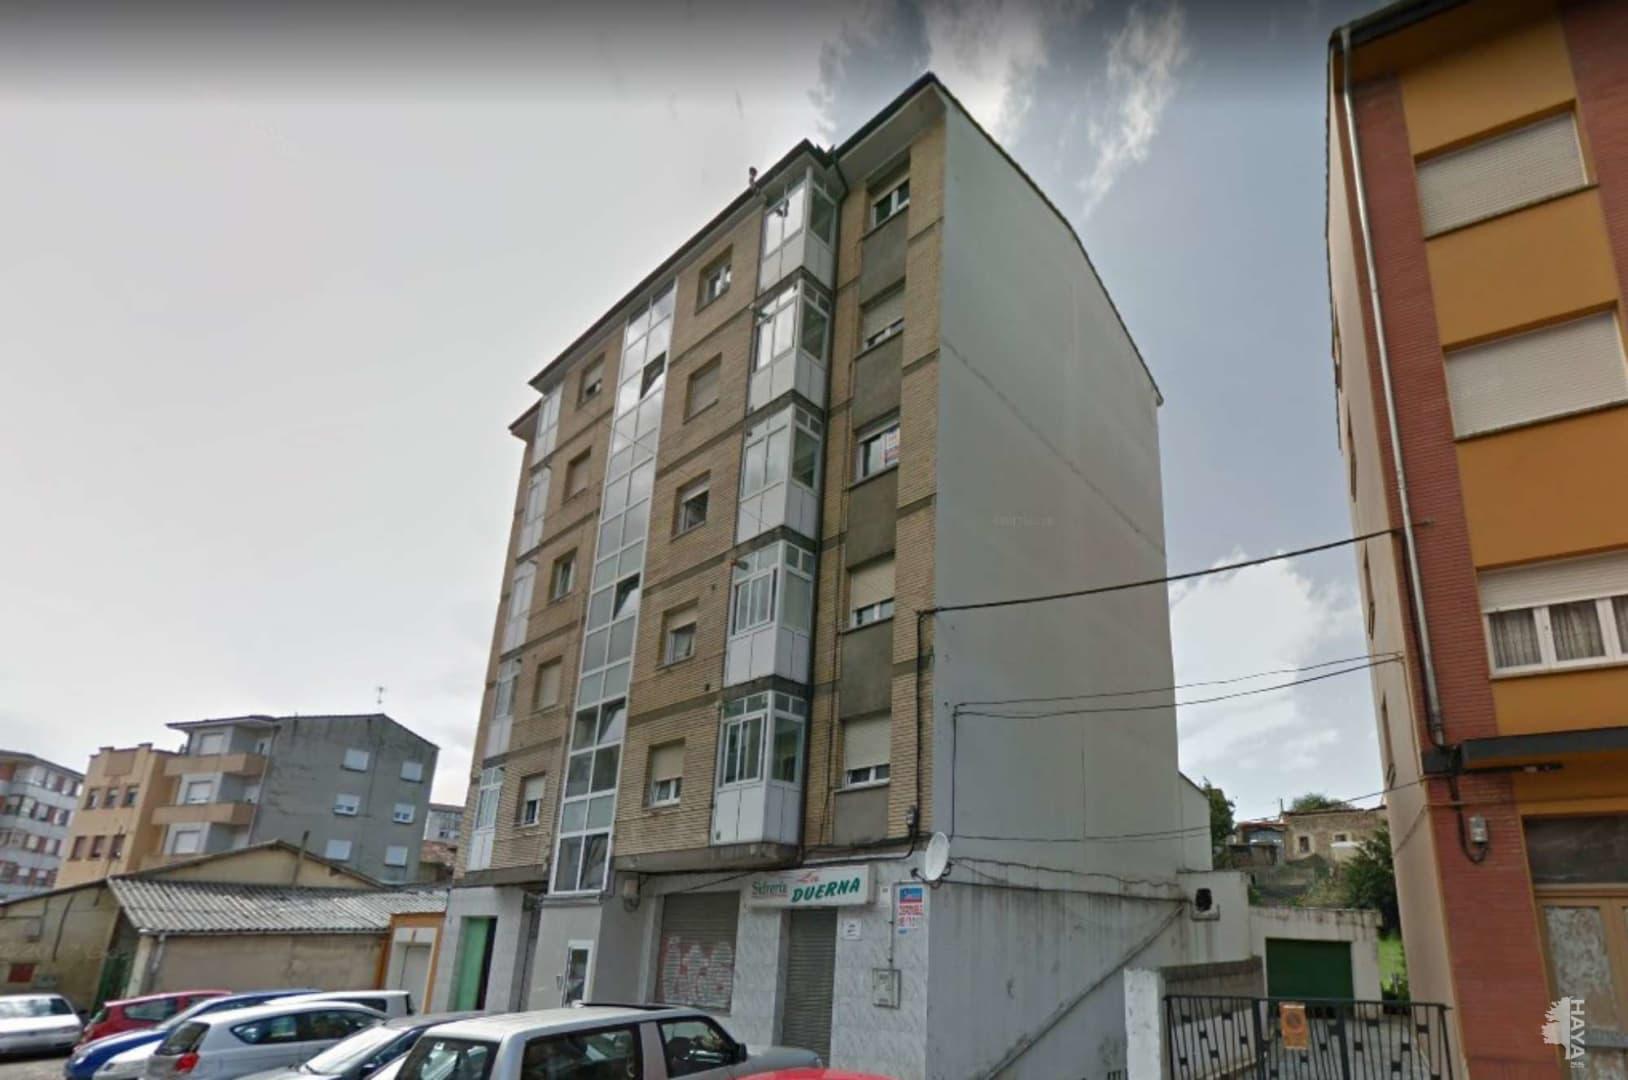 Piso en venta en Siero, Asturias, Avenida Gijon, 52.163 €, 3 habitaciones, 1 baño, 82 m2